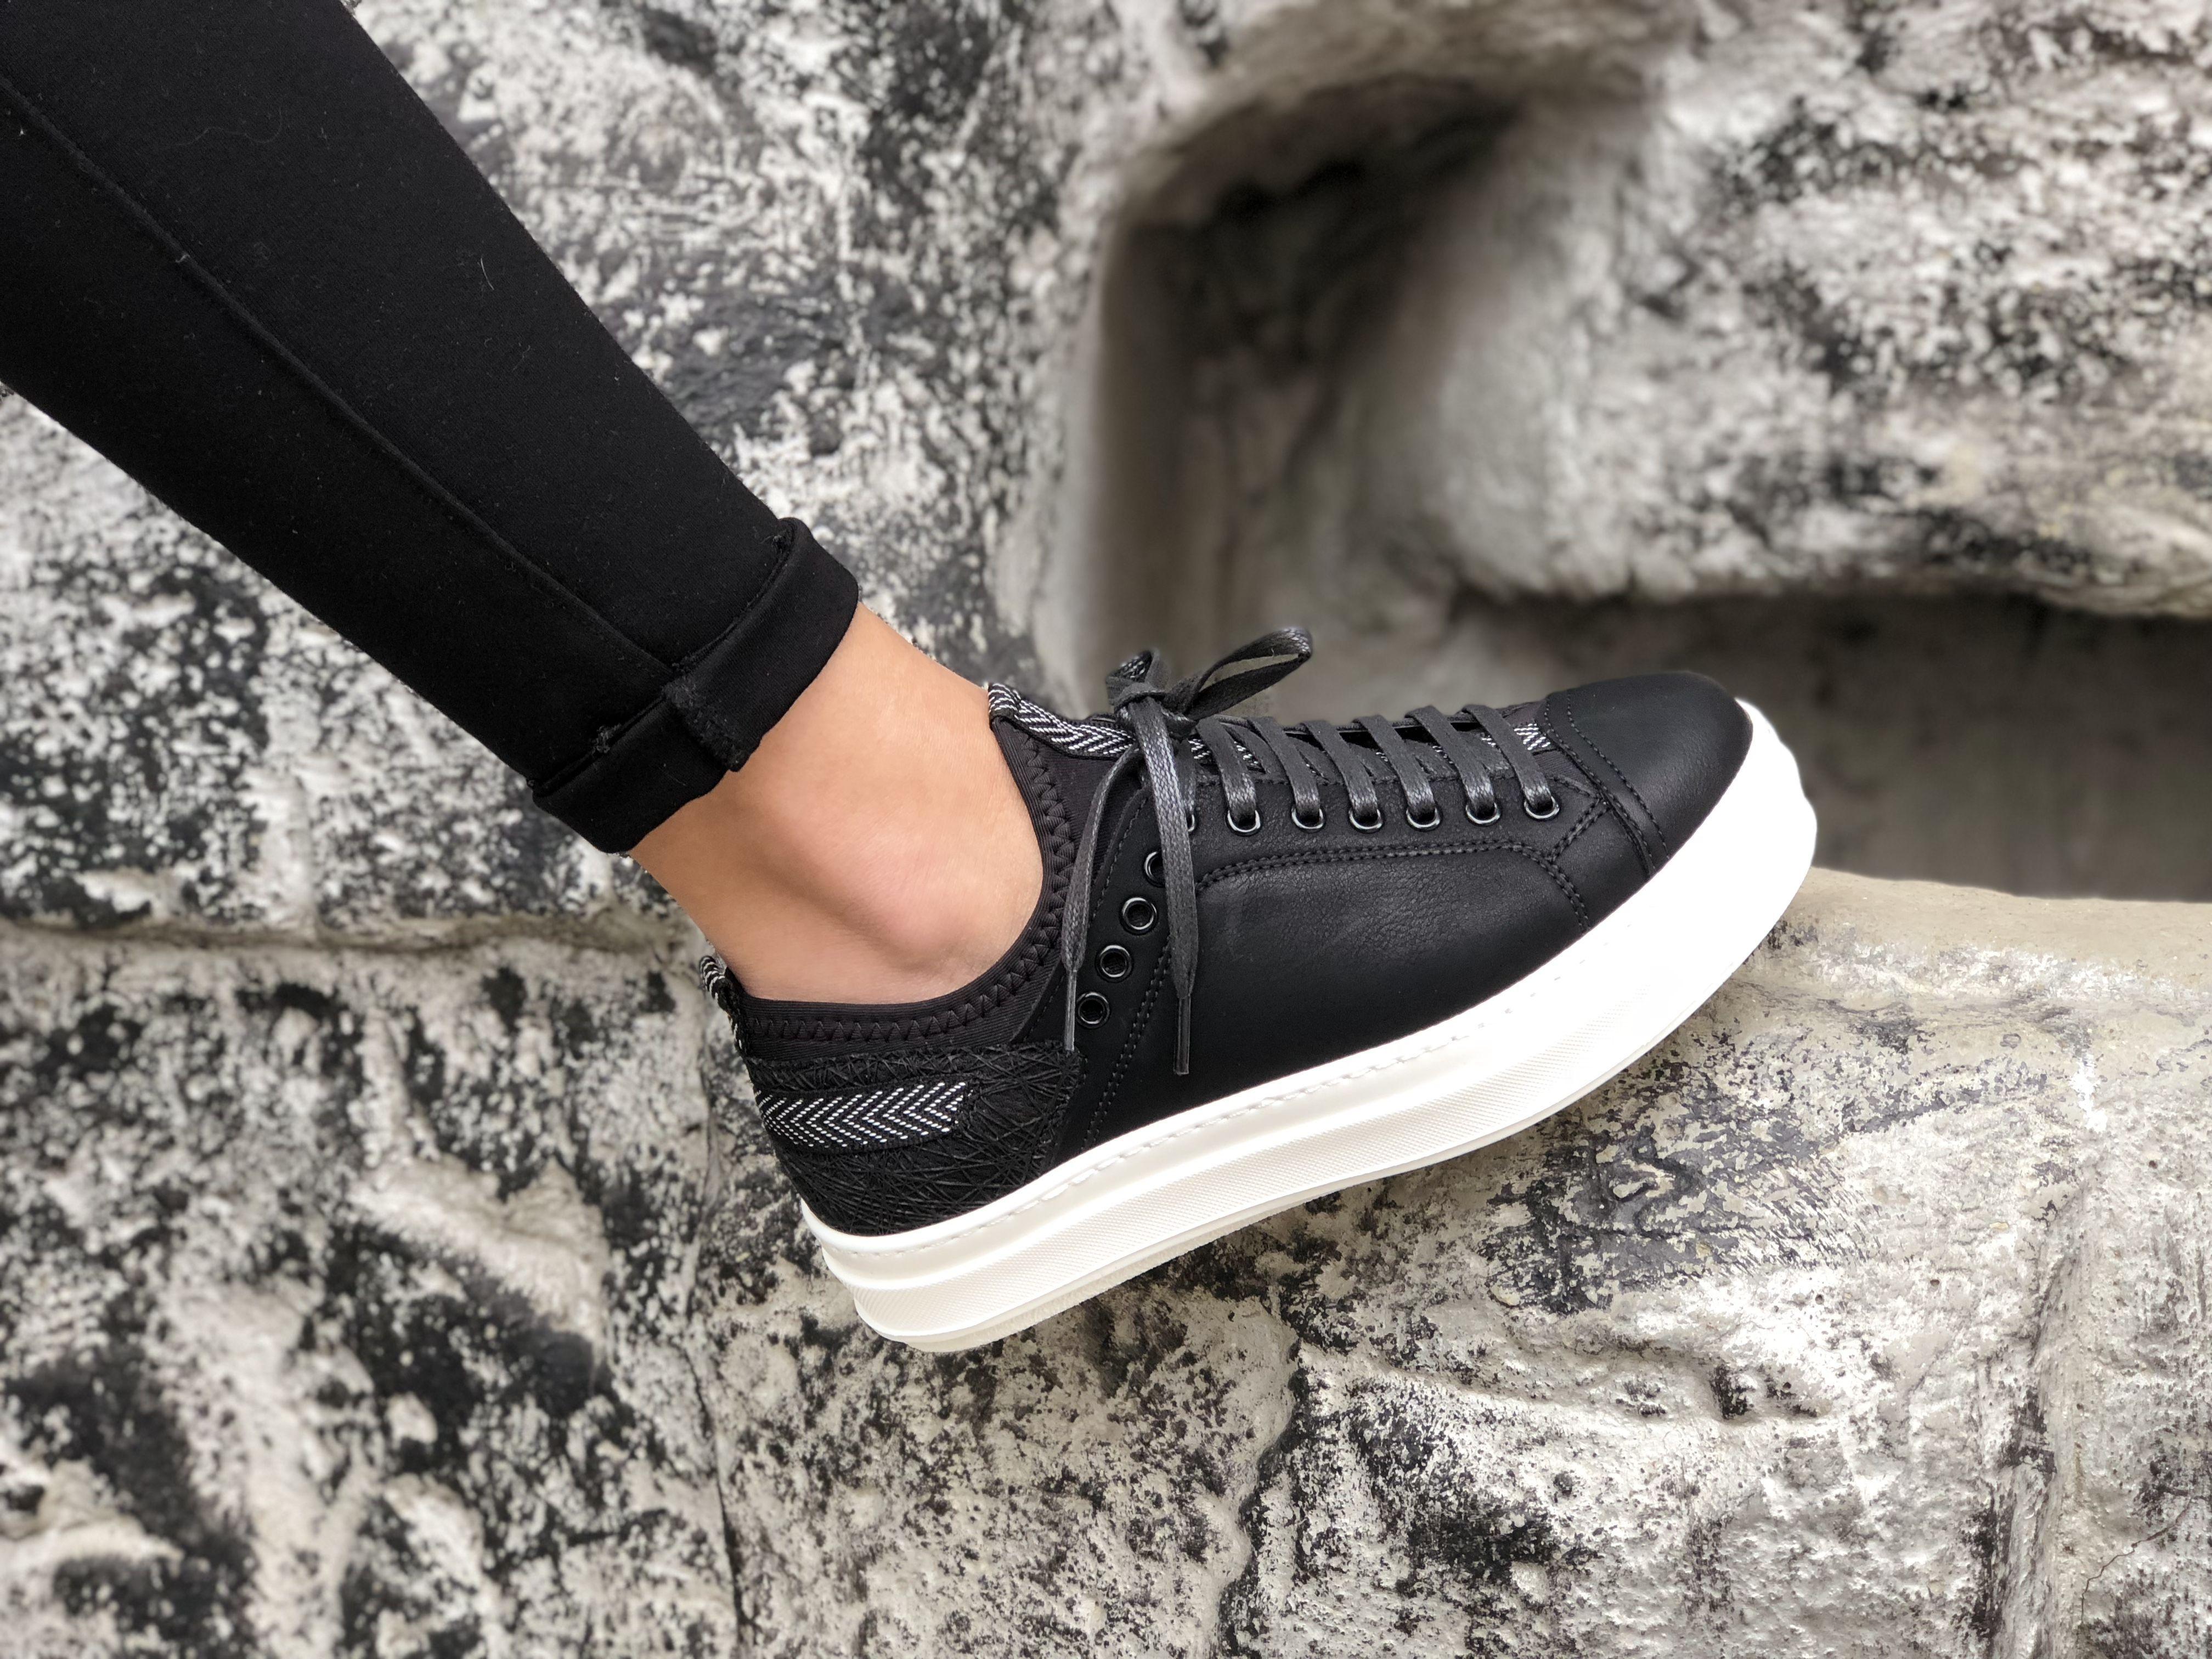 Kadin Sneaker Modeli Kadin Siyah Deri Spor Ayakkabi Tesettur Mayo Sort Modelleri 2020 Siyah Deri Sneaker Ayakkabilar